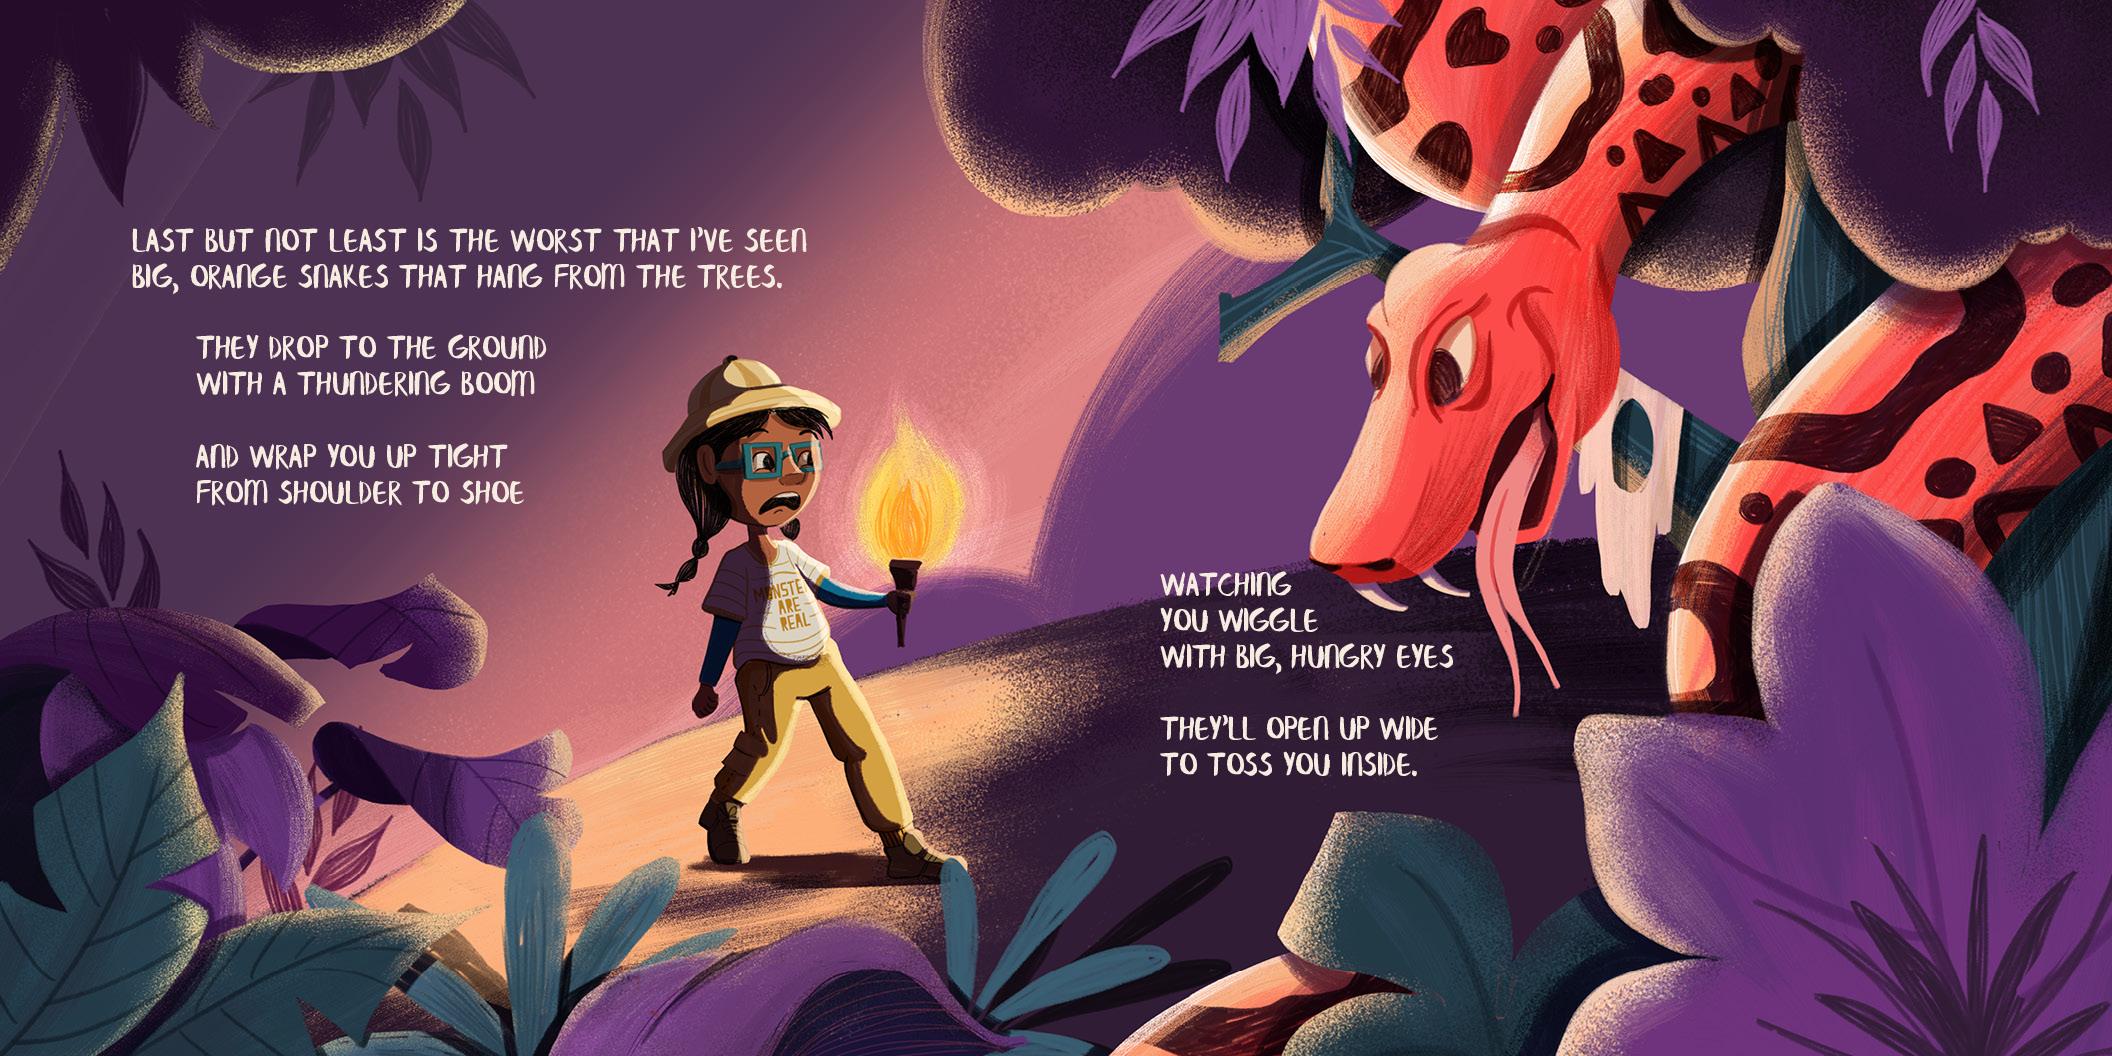 the spooky book_v0615.jpg